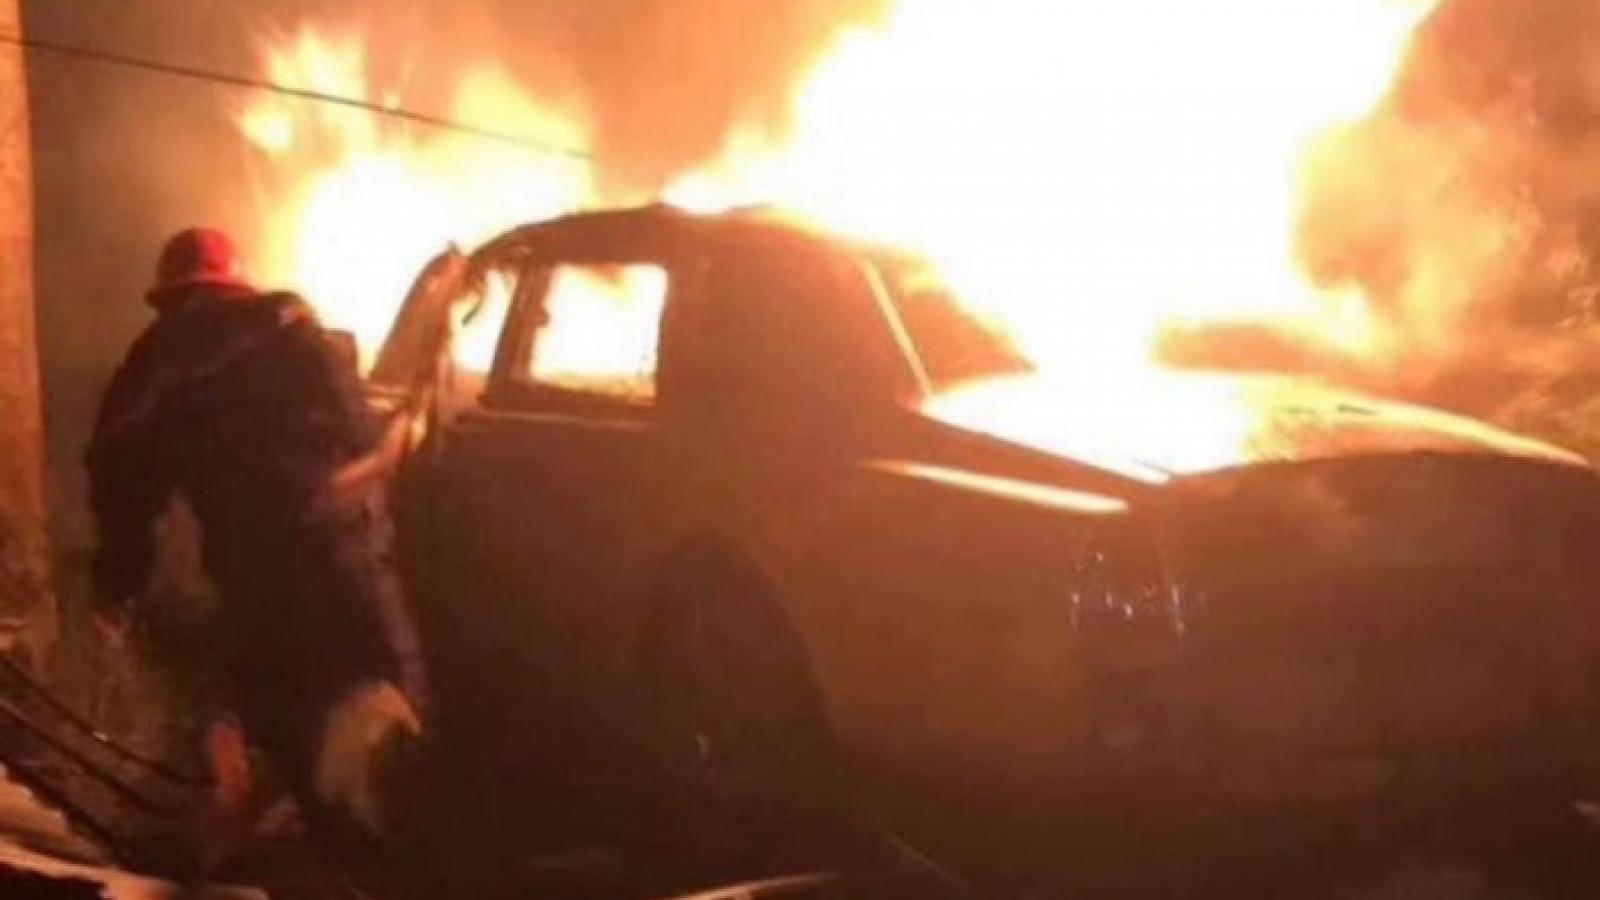 Va chạm khi lưu thông tốc độ cao, xe Rolls Roycle bốc cháy dữ dội